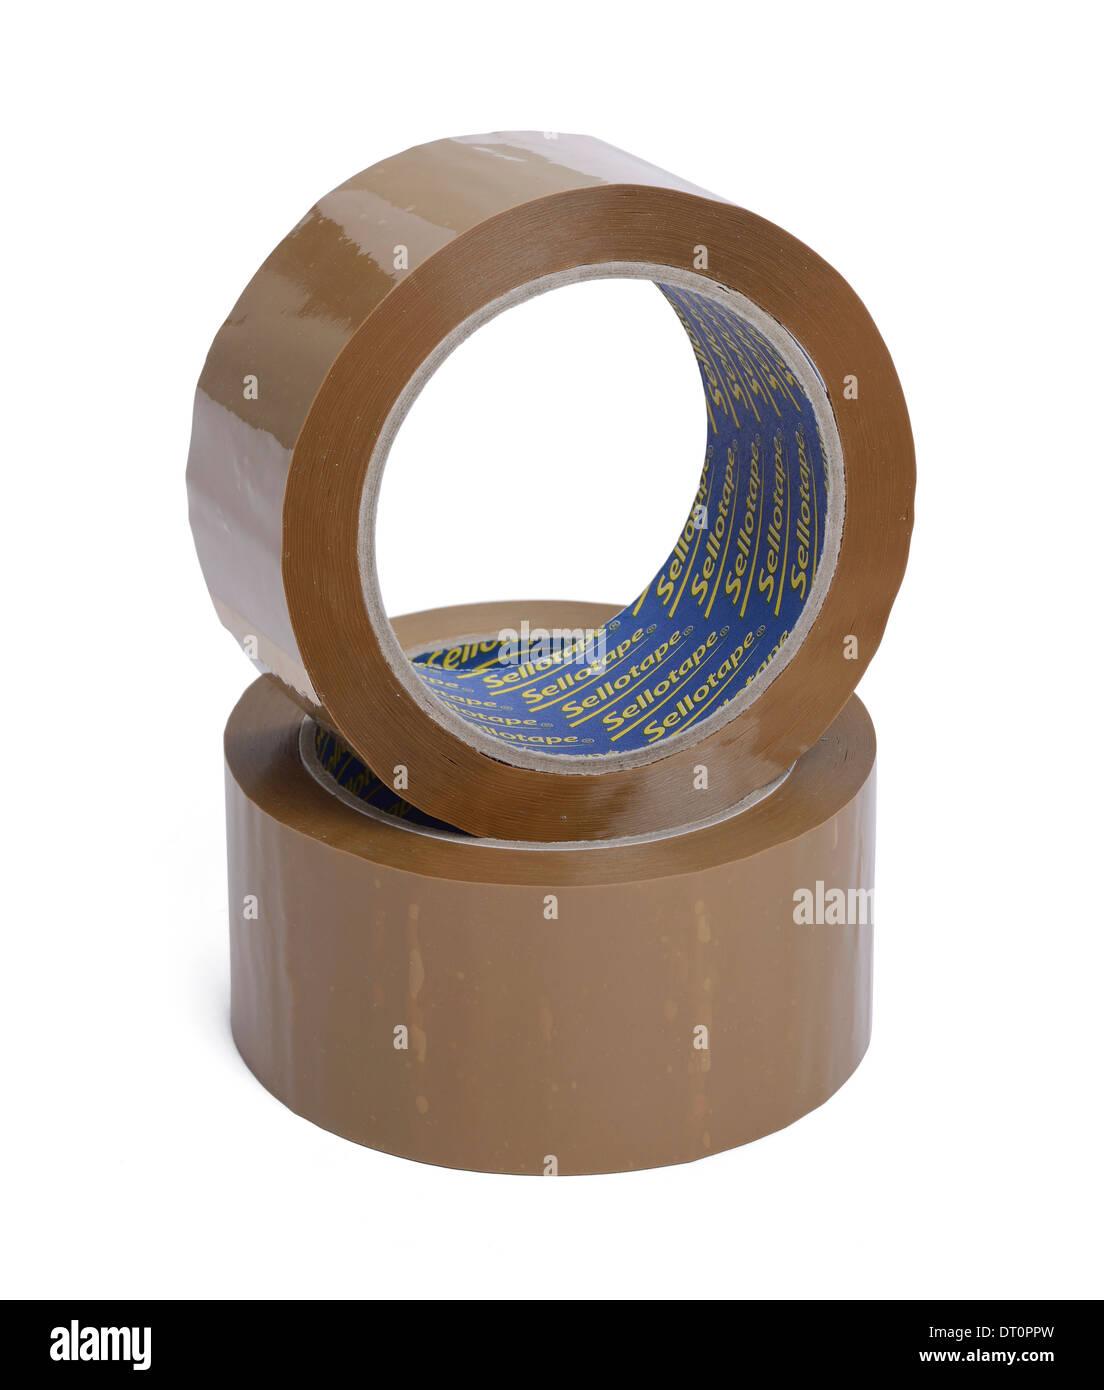 Dos rollos de cinta paquetería sellotape marrón Imagen De Stock